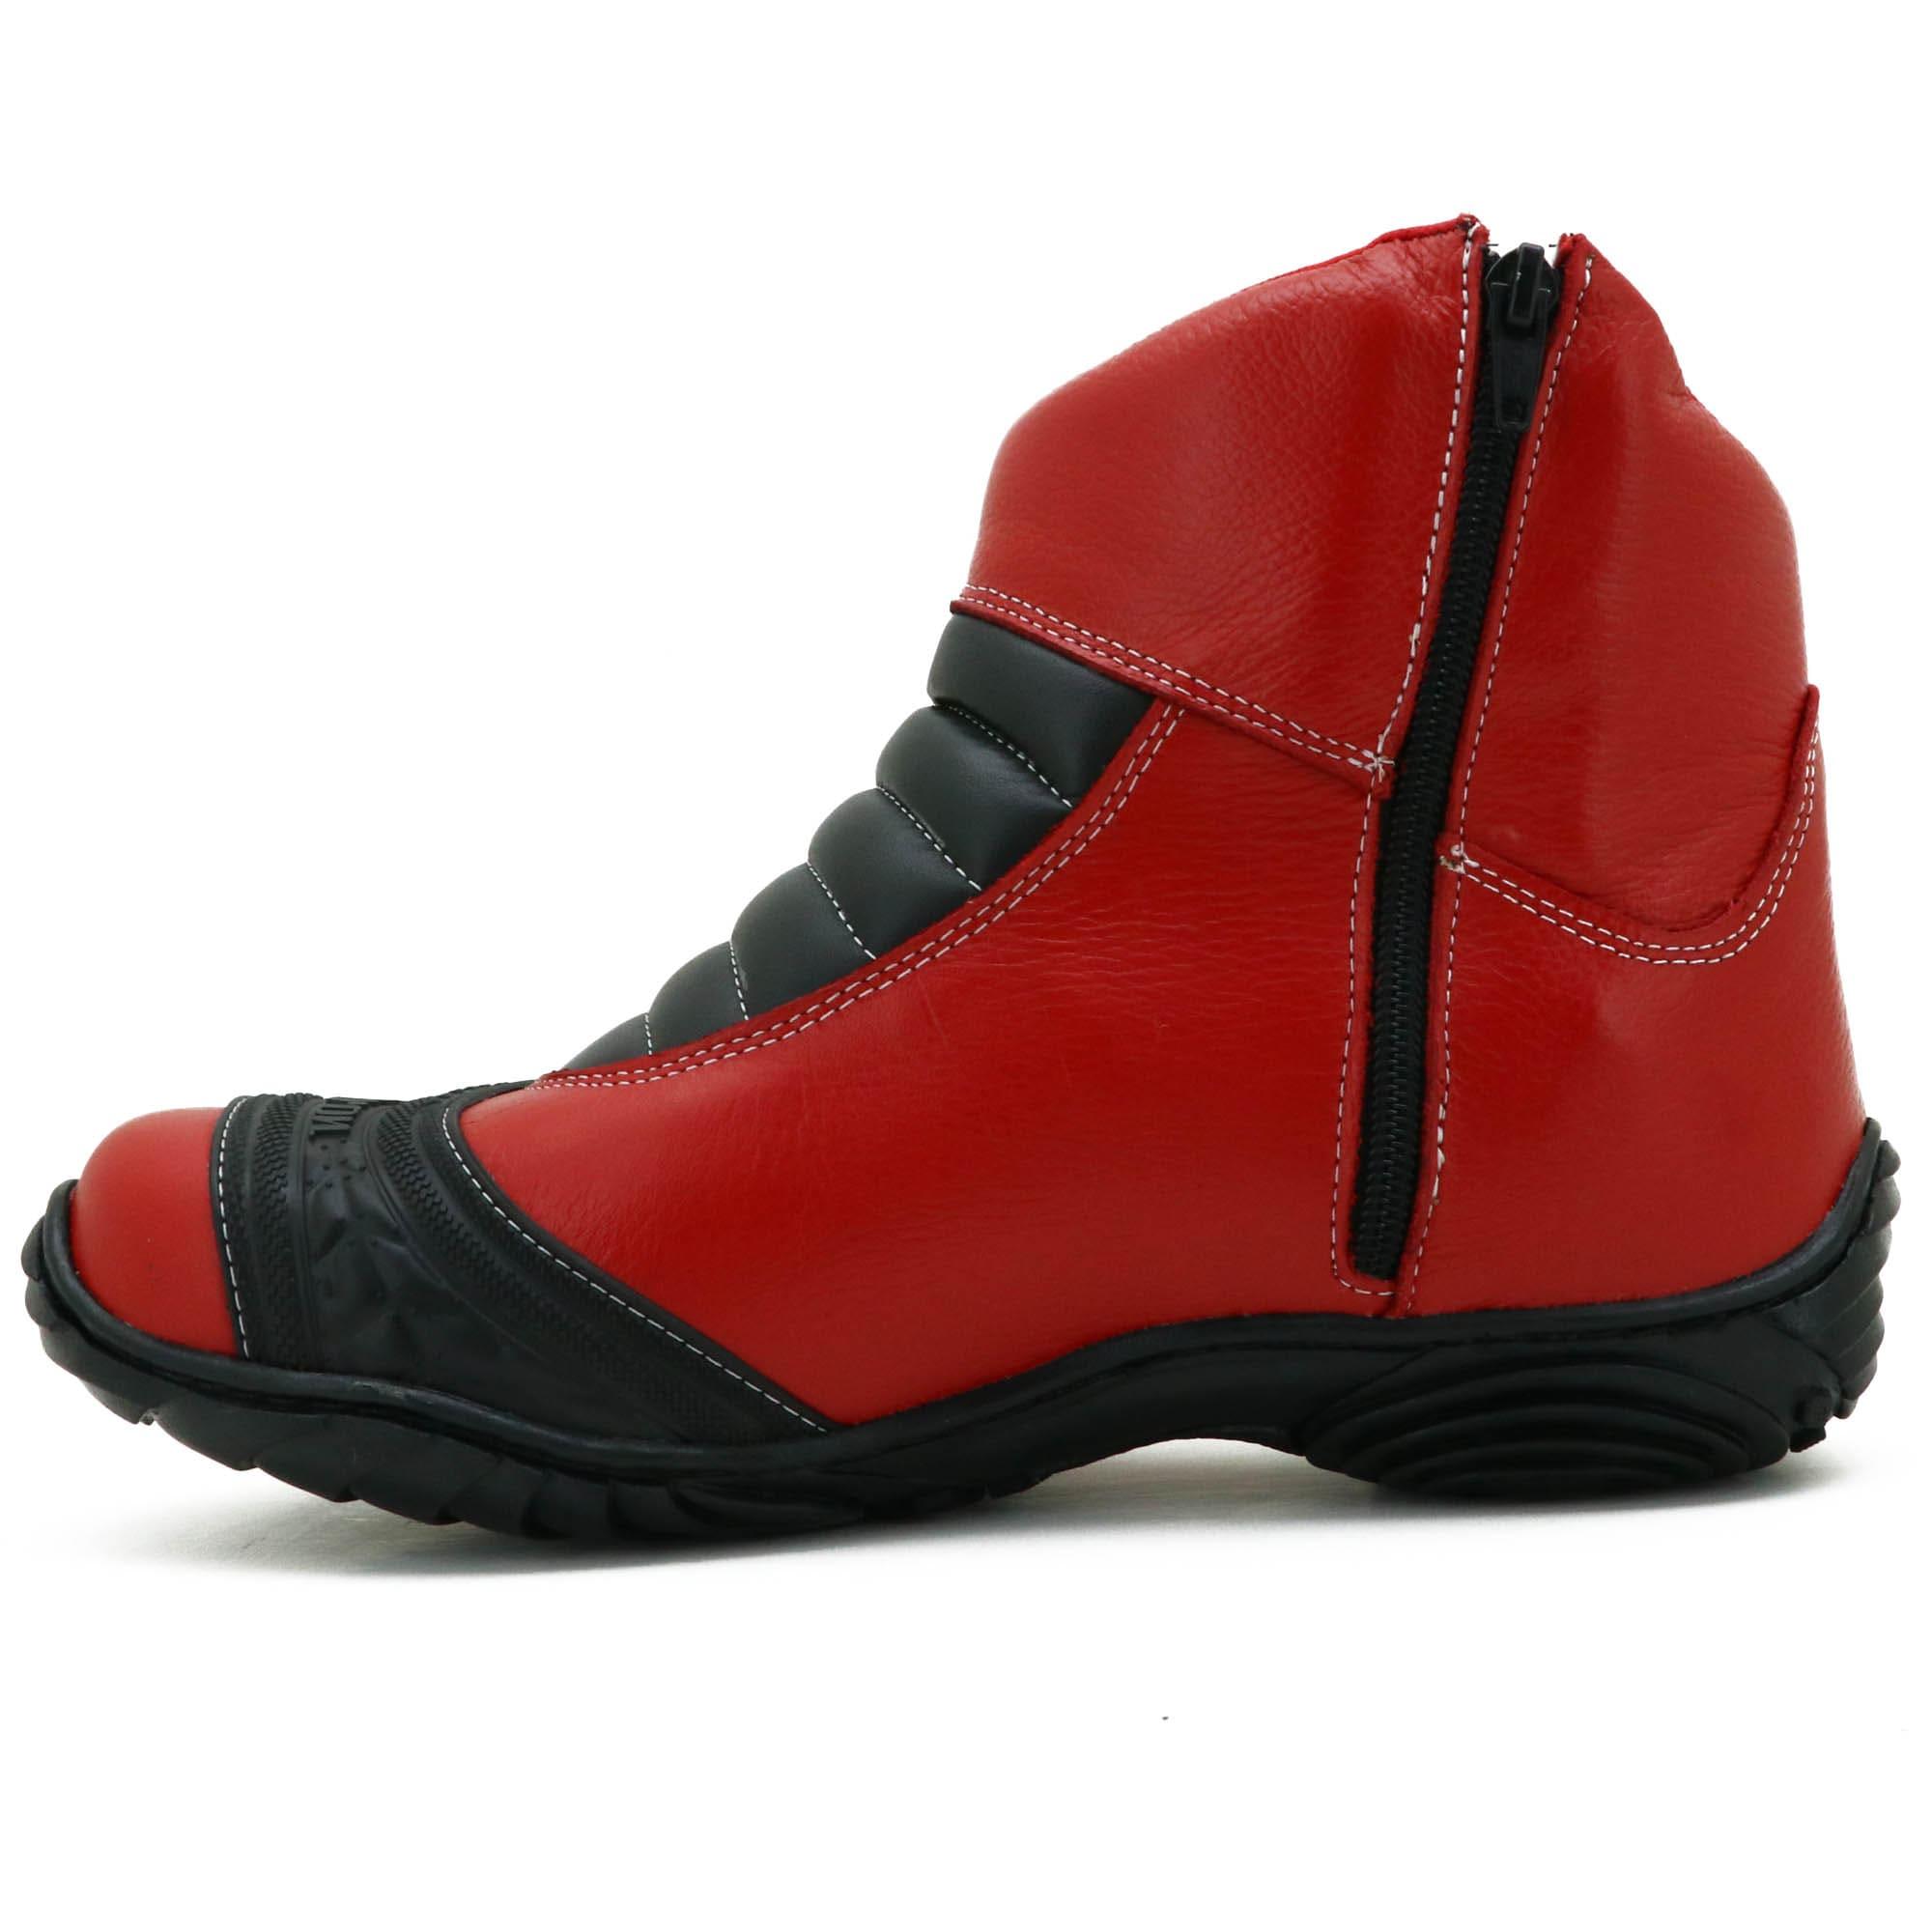 Bota unissex motociclista semi impermeável em couro legítimo vermelho 305